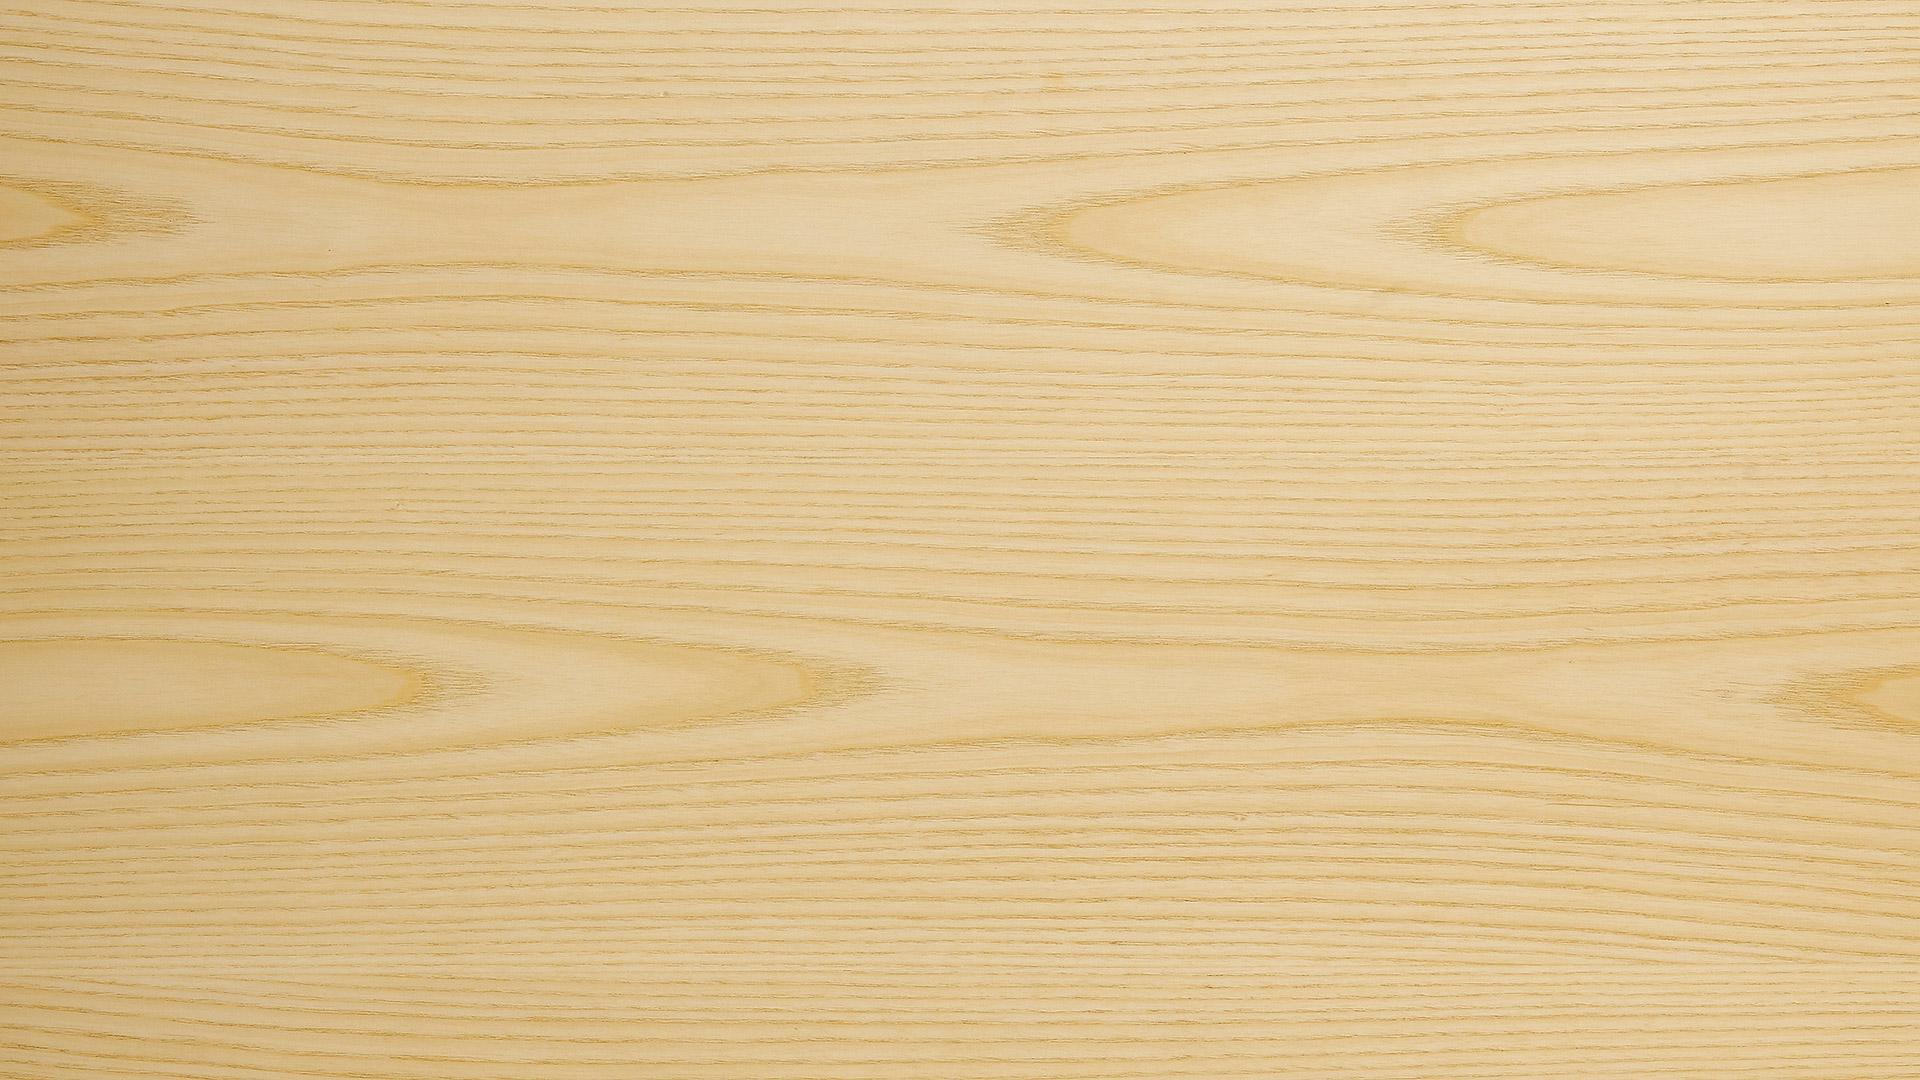 柜体表层采用北美进口A级白蜡木,配以全开放哑光漆面效果,拥有不可复制的天然肌理,呈现细腻的纹理,触摸到自然的凹凸质感,感受木材独特的温厚气息。